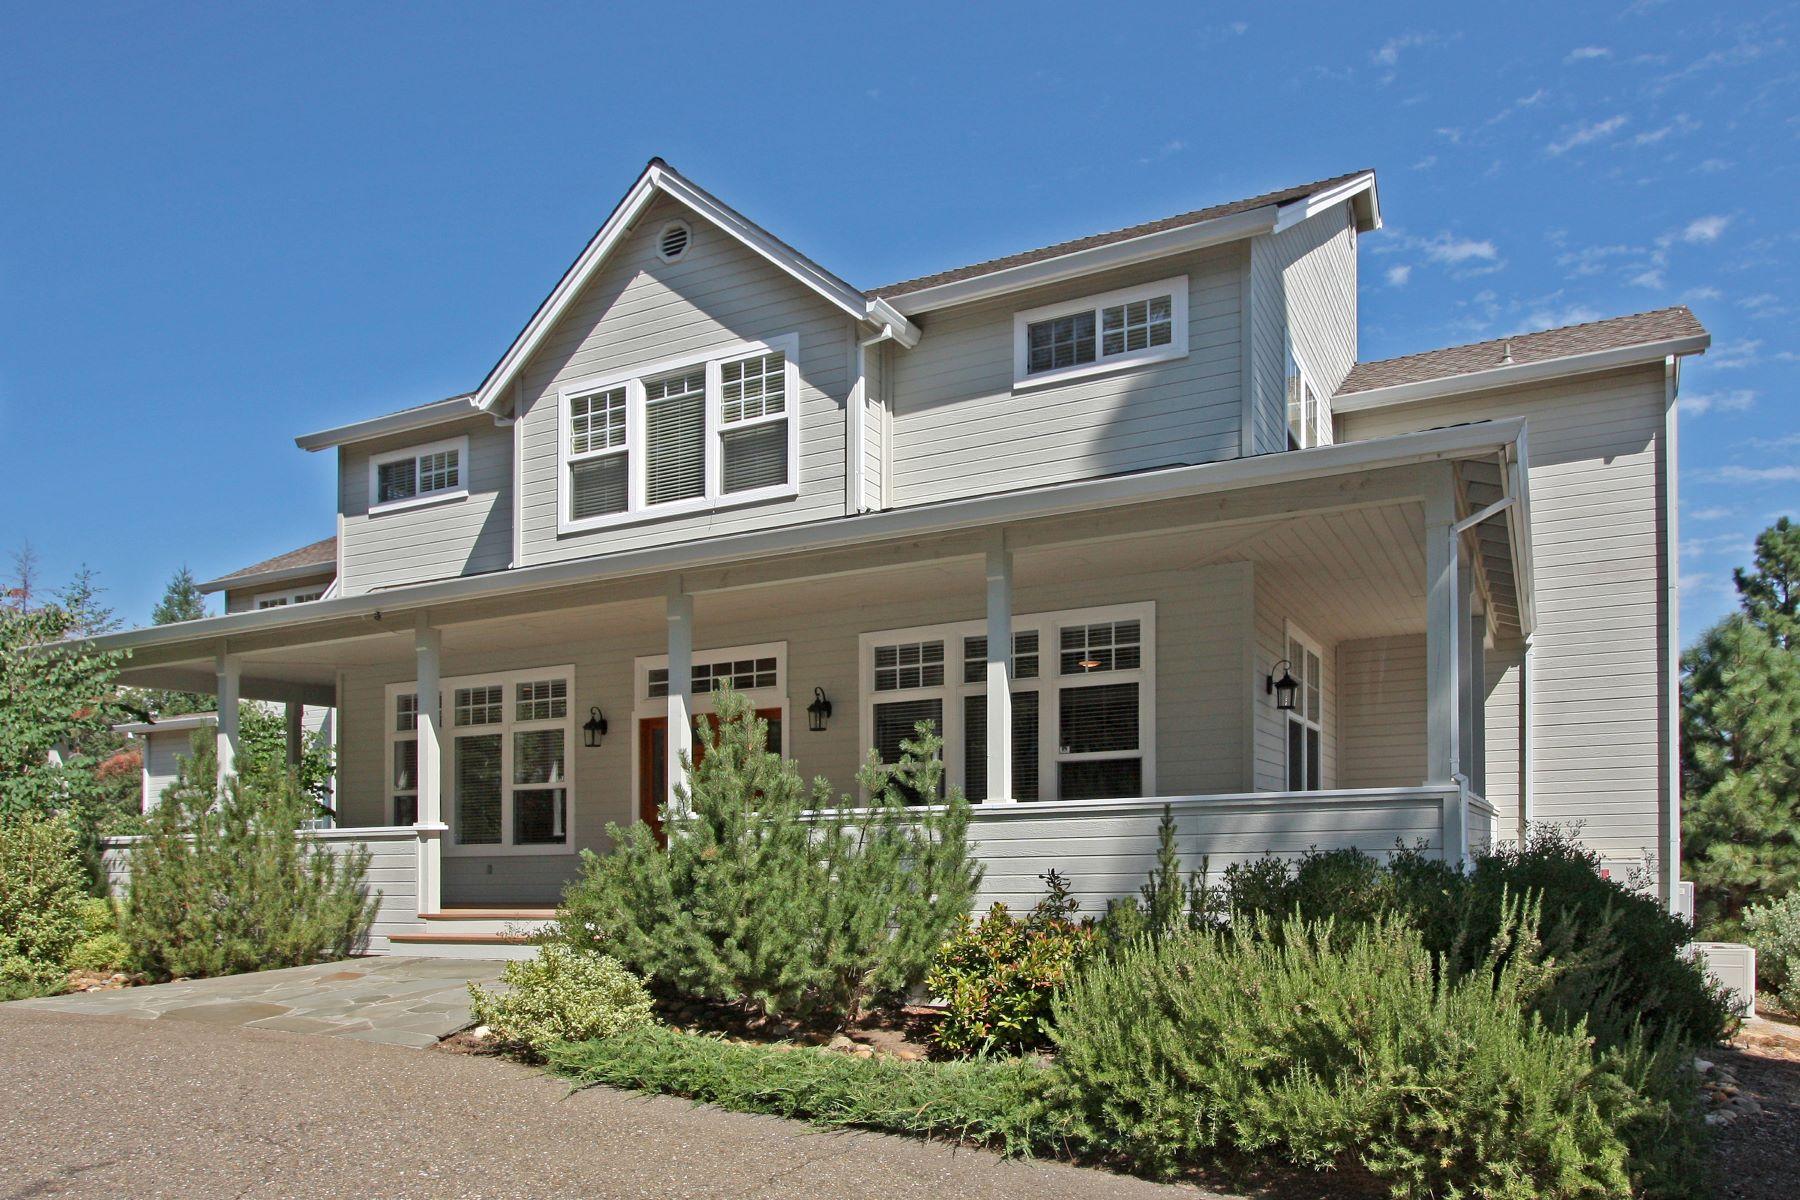 Частный односемейный дом для того Продажа на 18100 Timberlin Drive Pioneer, Калифорния 95666 Соединенные Штаты